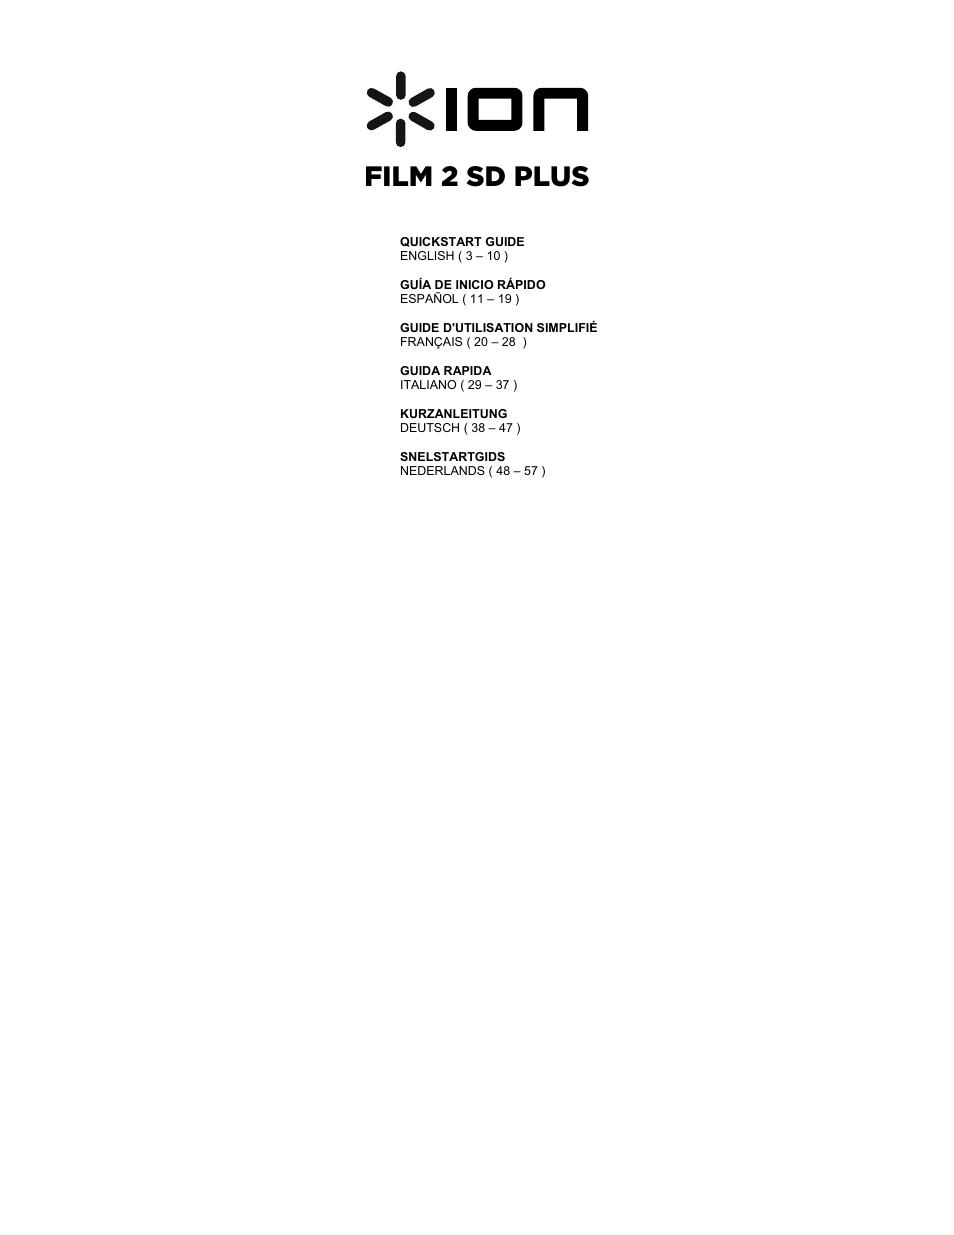 Ebook-0626] ion film 2 sd manual | 2019 ebook library.